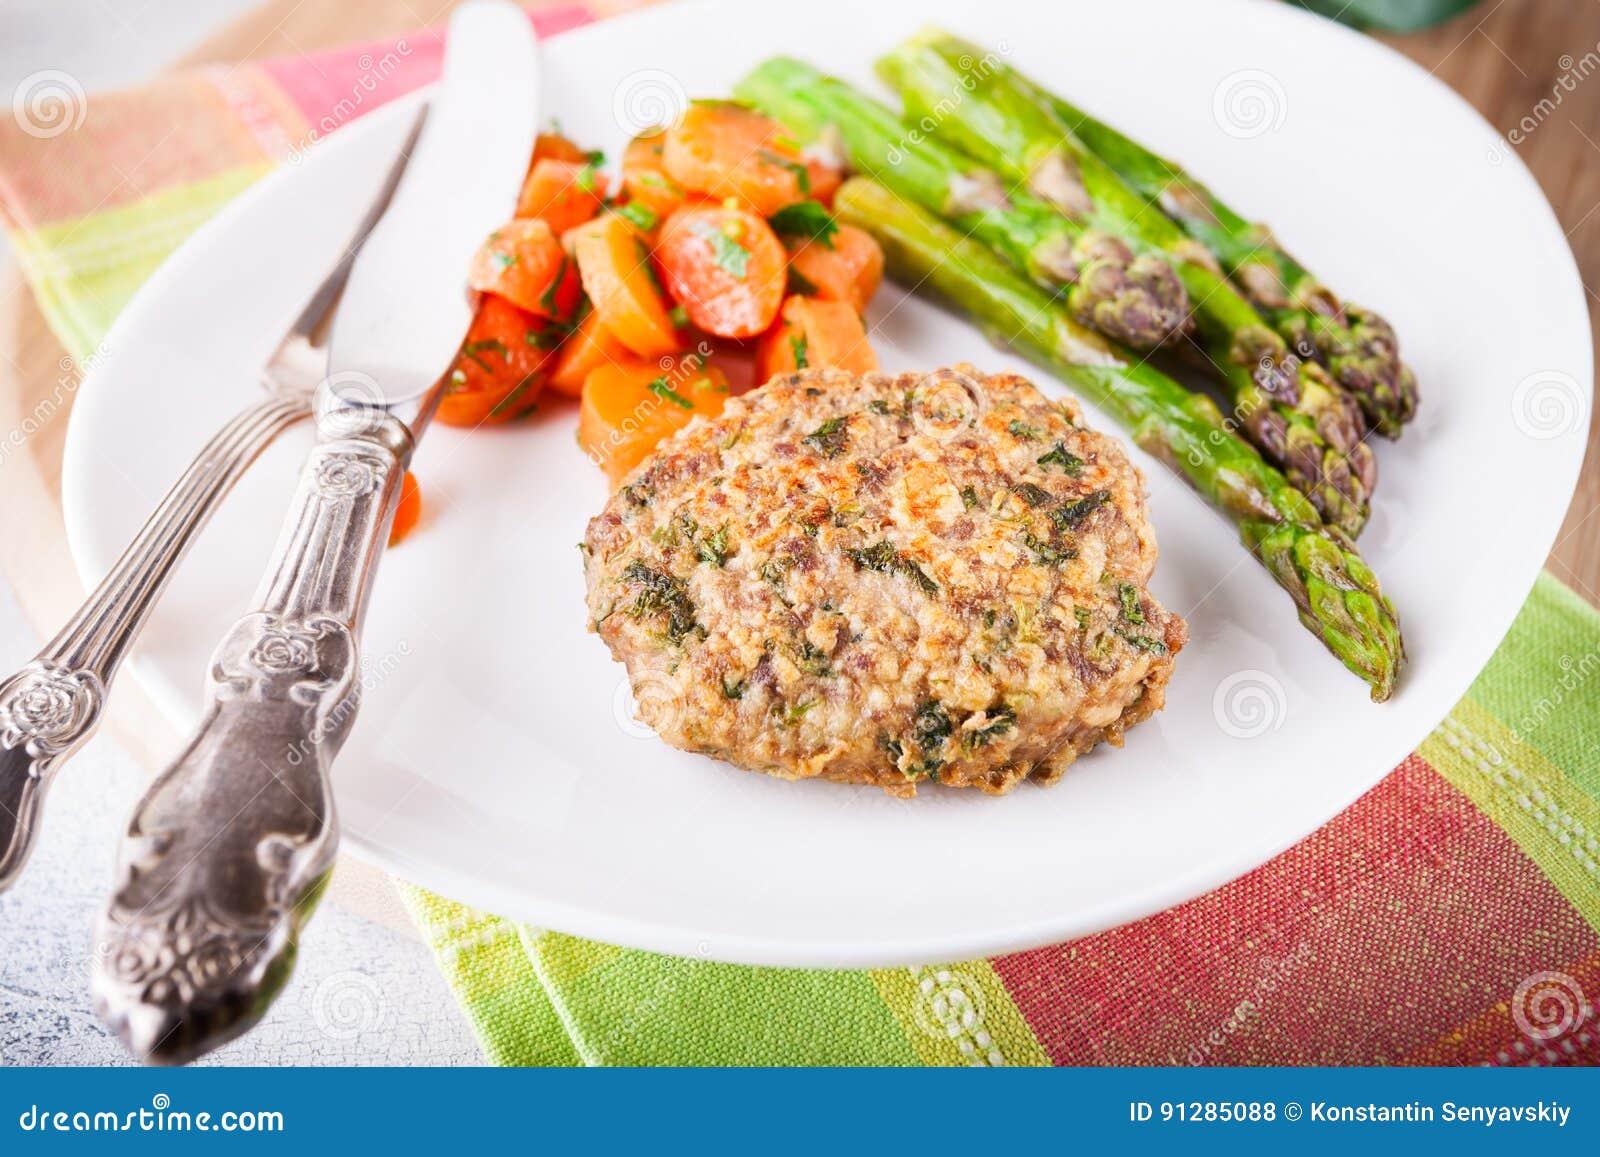 Köttkrokett med glasade morötter